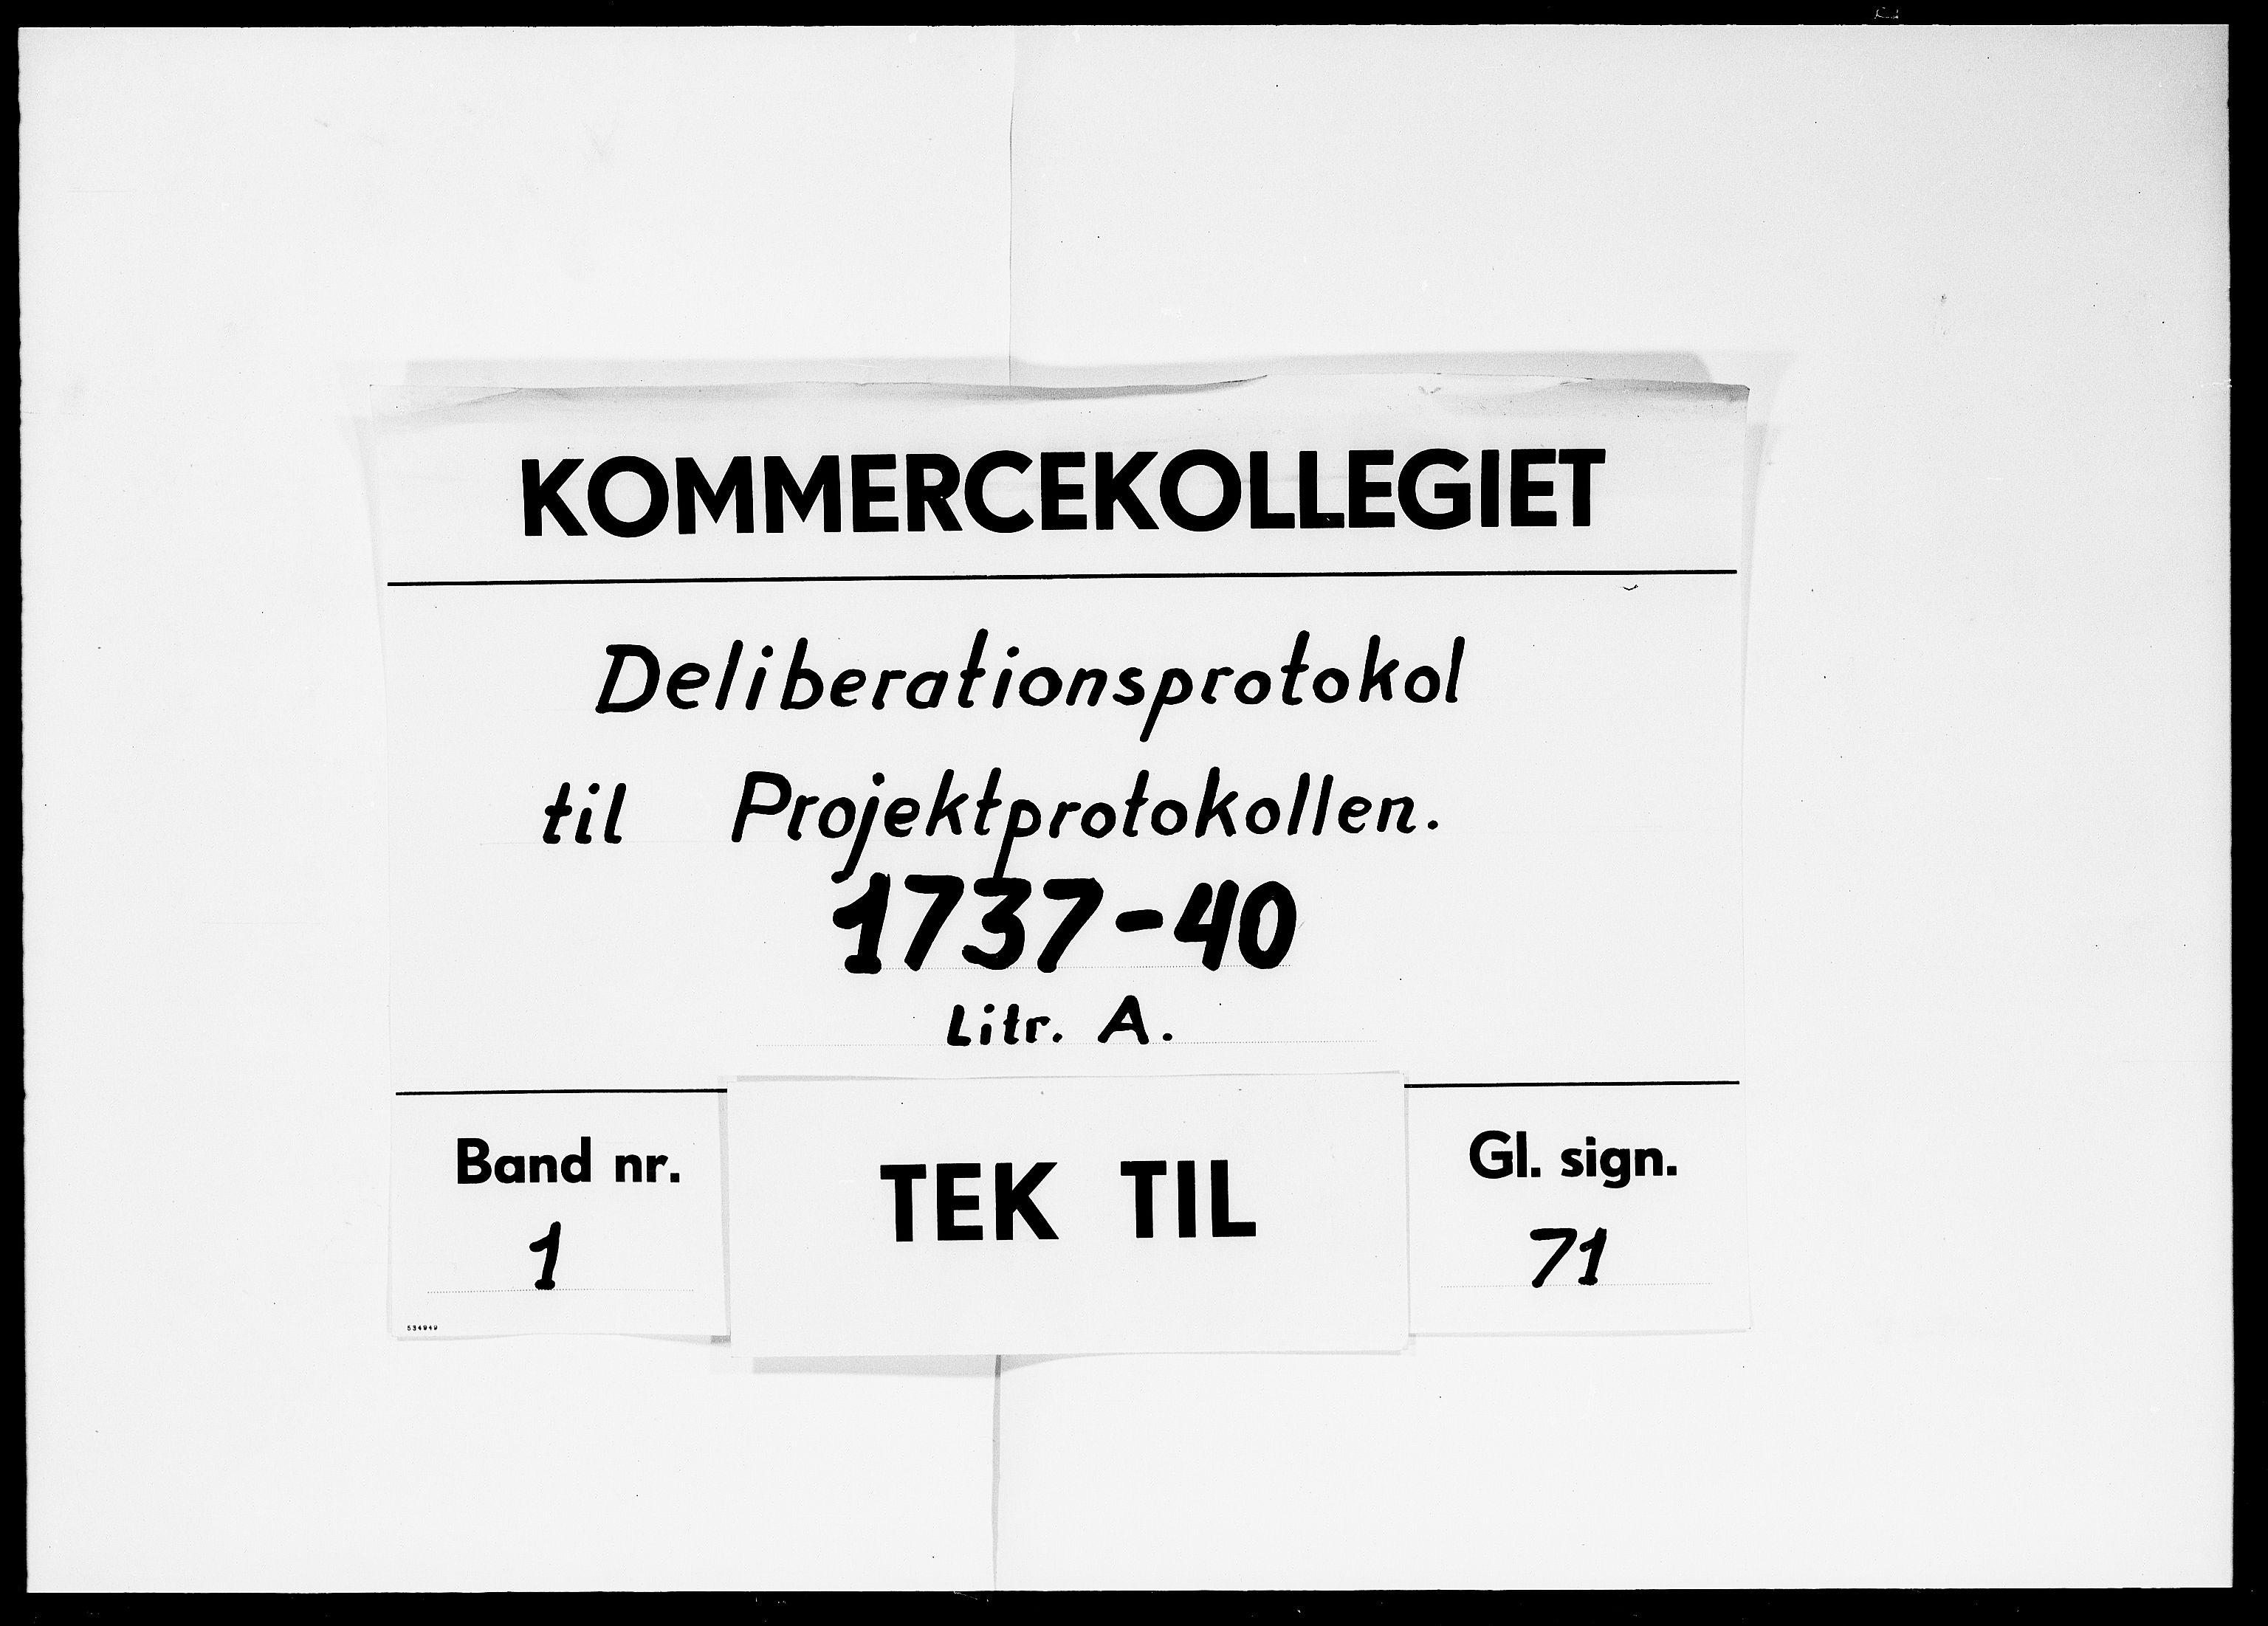 DRA, Kommercekollegiet, Dansk-Norske Sekretariat, -/39: Deliberationsprotokol til Projektprotokollen A, 1737-1740